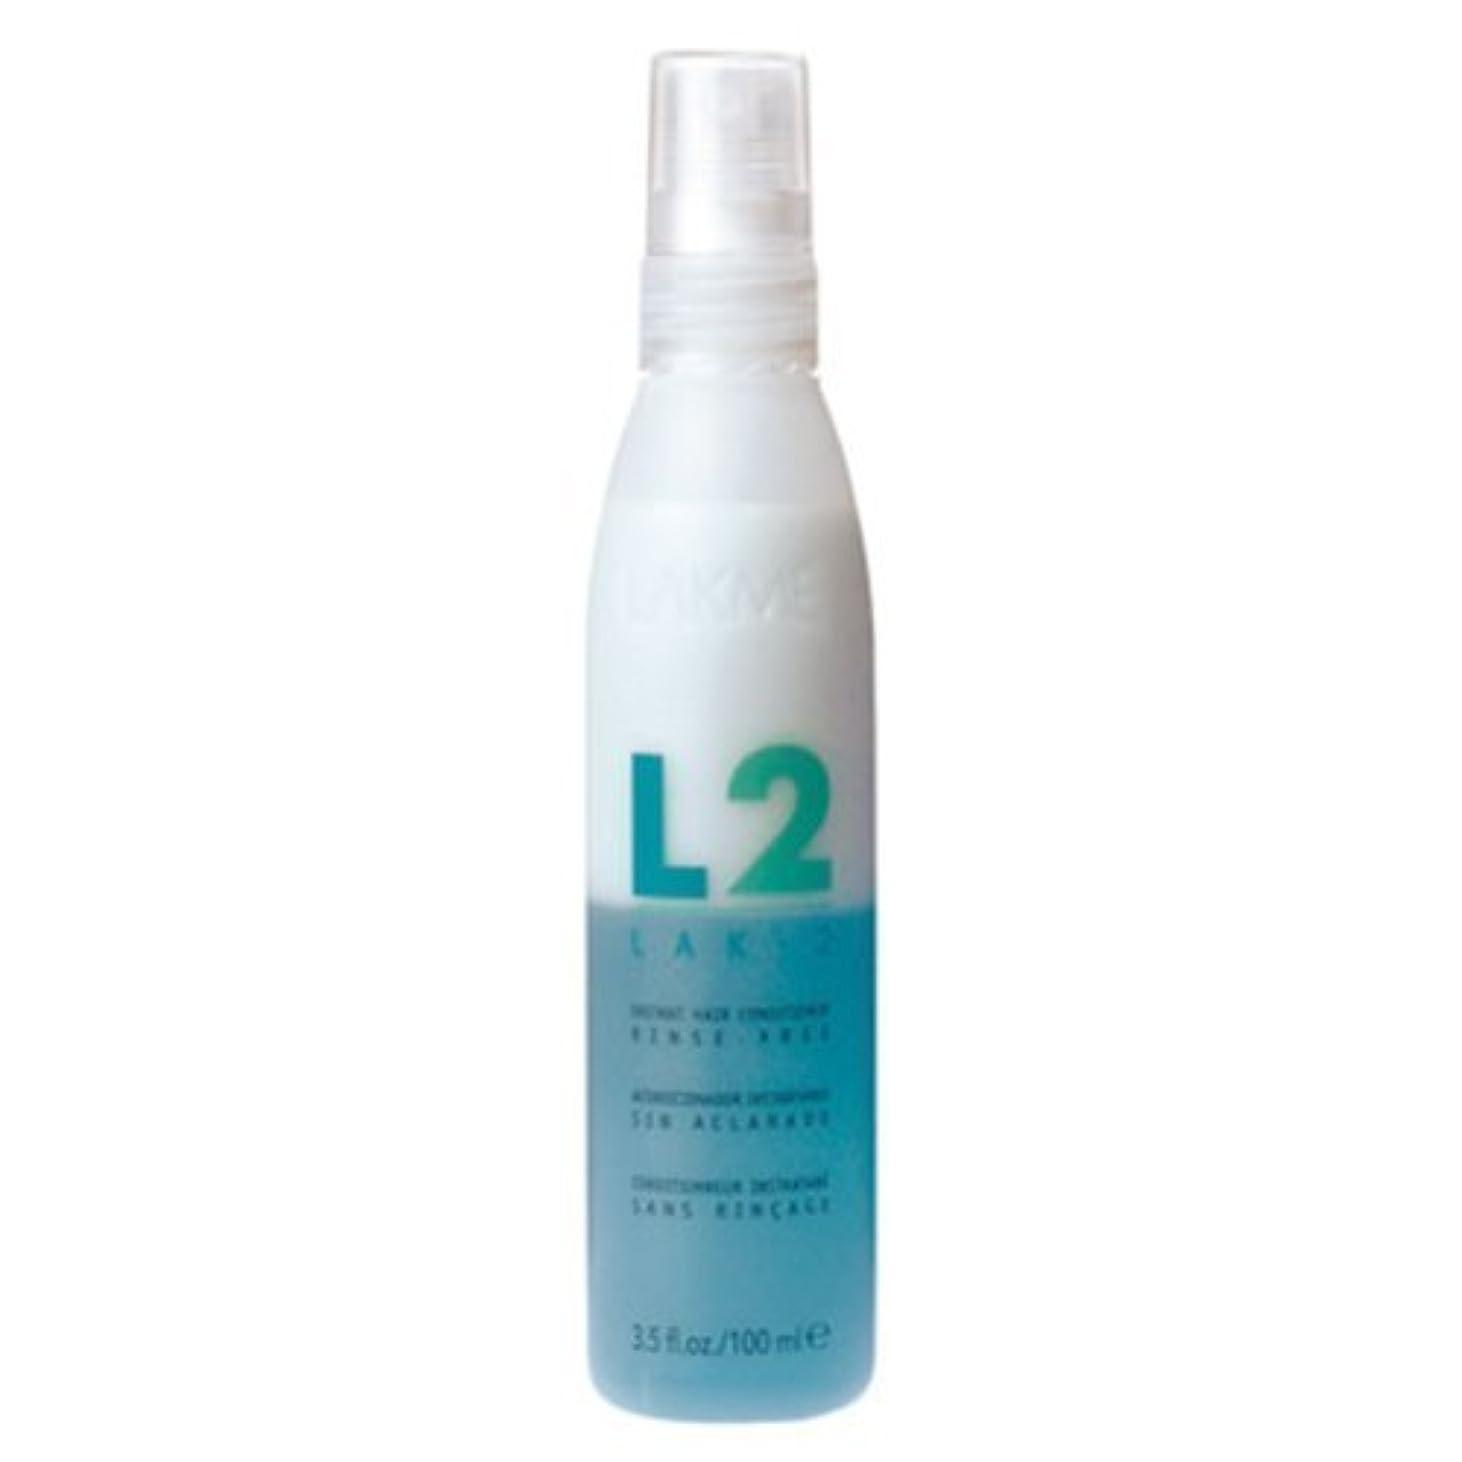 タービン言い直すダウンタウンLakme Lak 2 Instant Hair Conditioner 3.5 Oz by Lakme